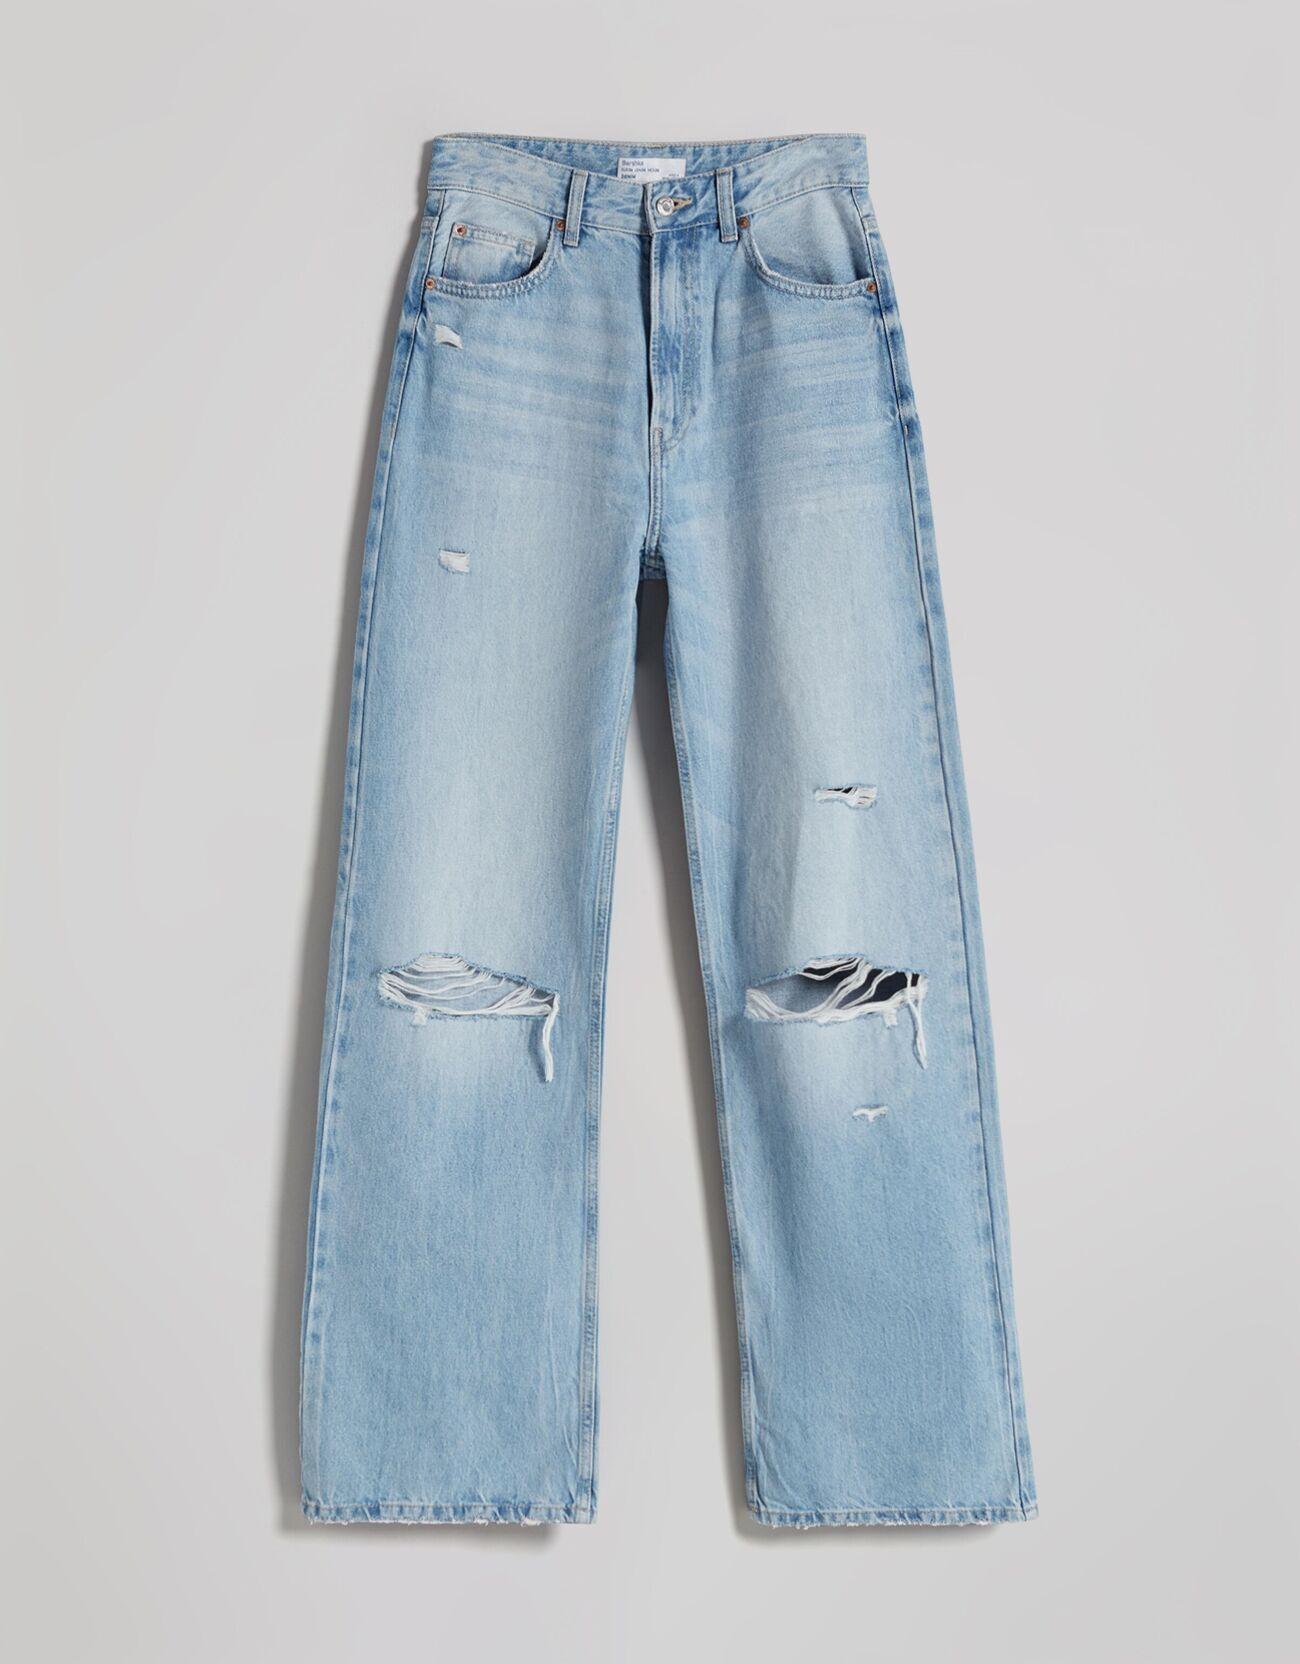 Джинсы в стиле 90-х с широкими штанинами и разрезами Синий застиранный Bershka